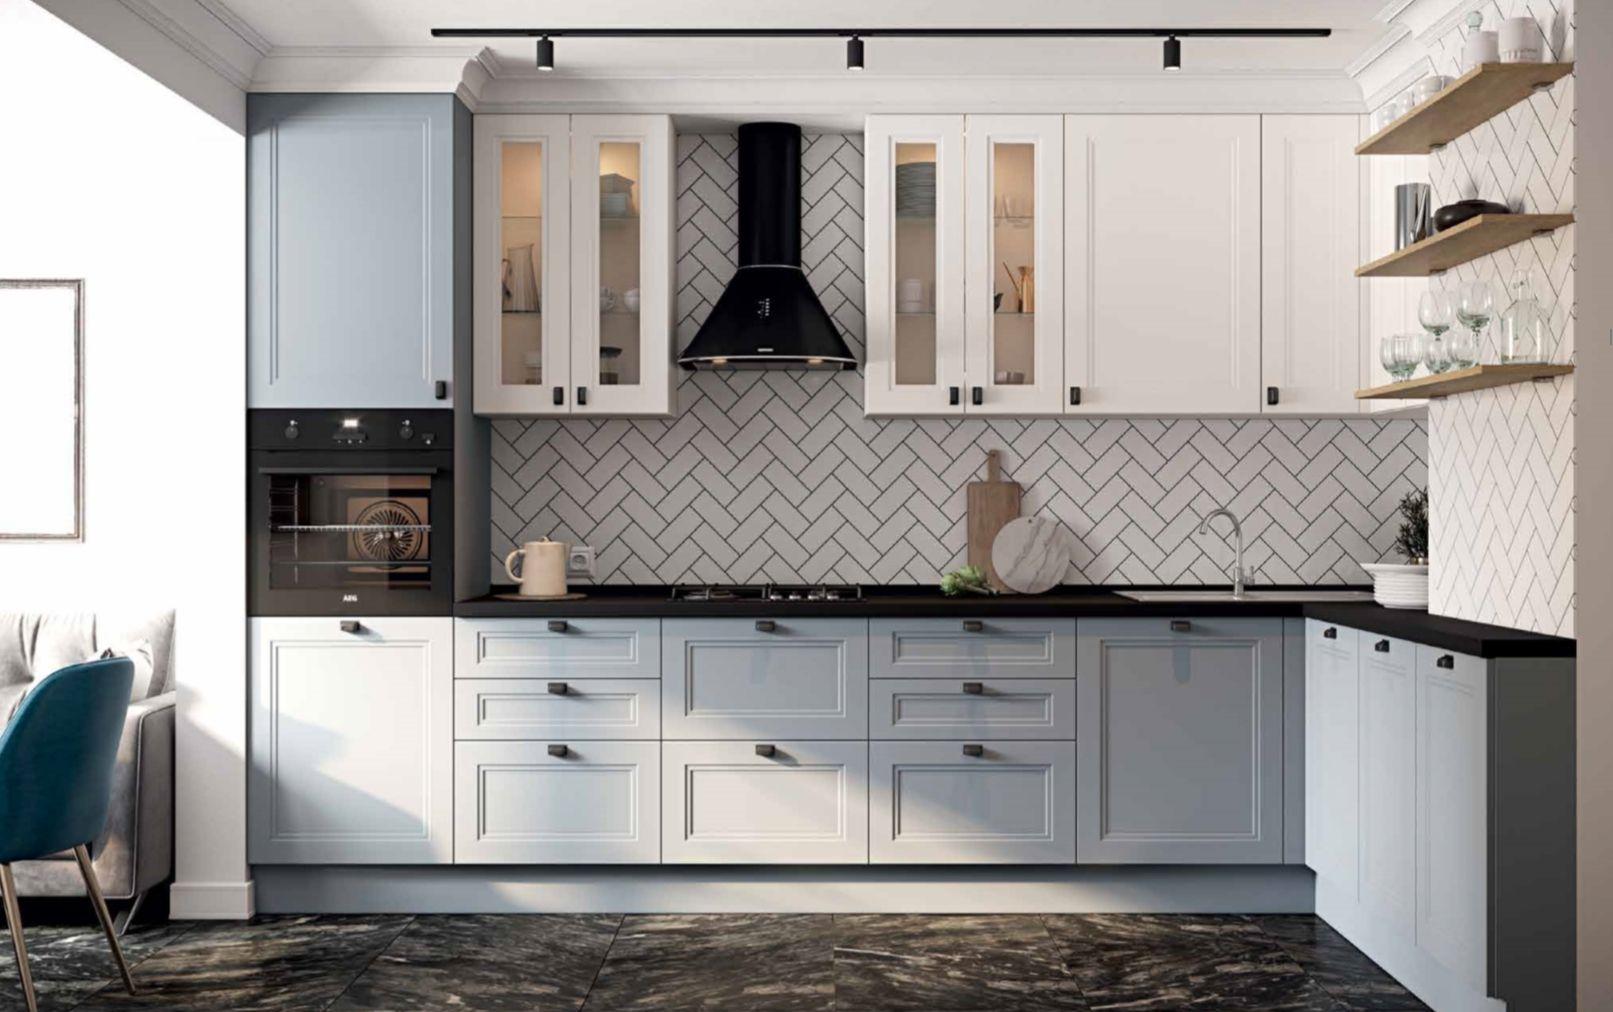 Avon Azzuro Kitchen Interior Kitchen Design Kitchen